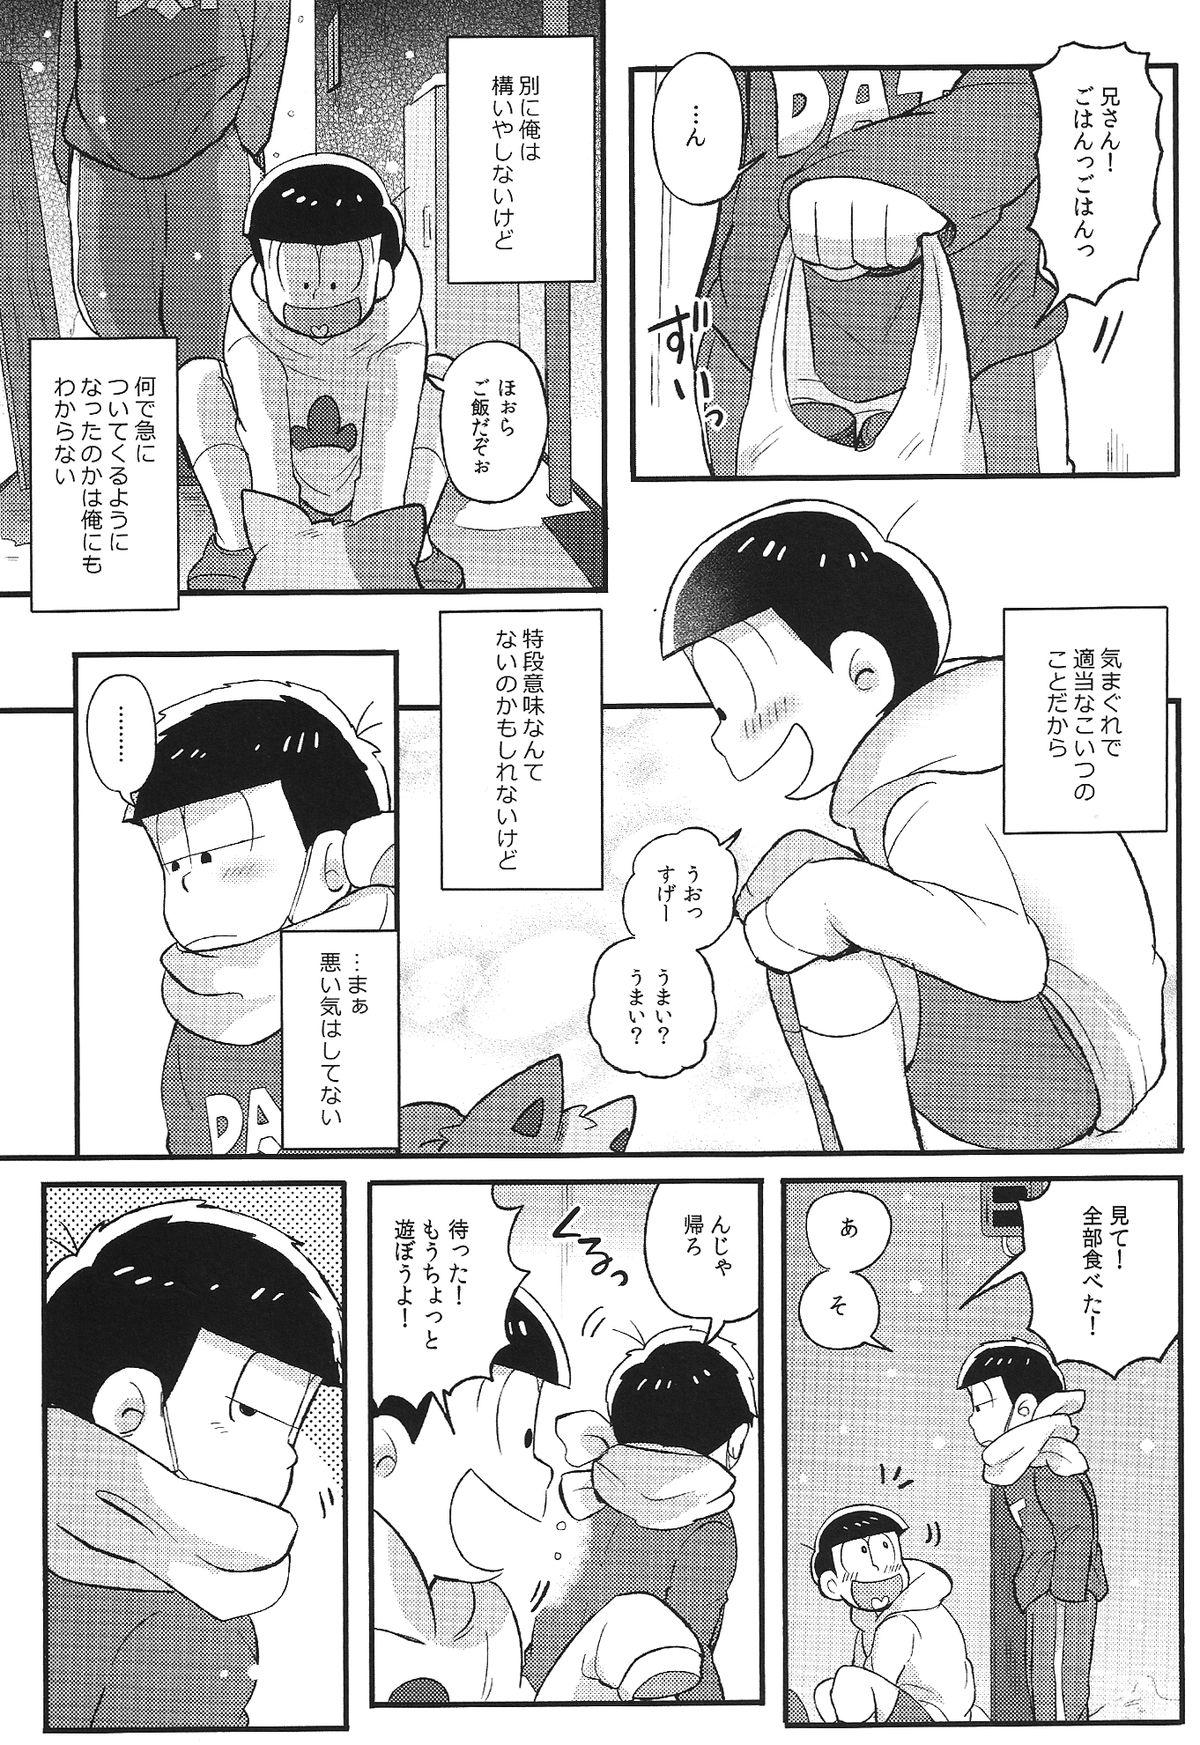 Kimi to Suki Doushi 3